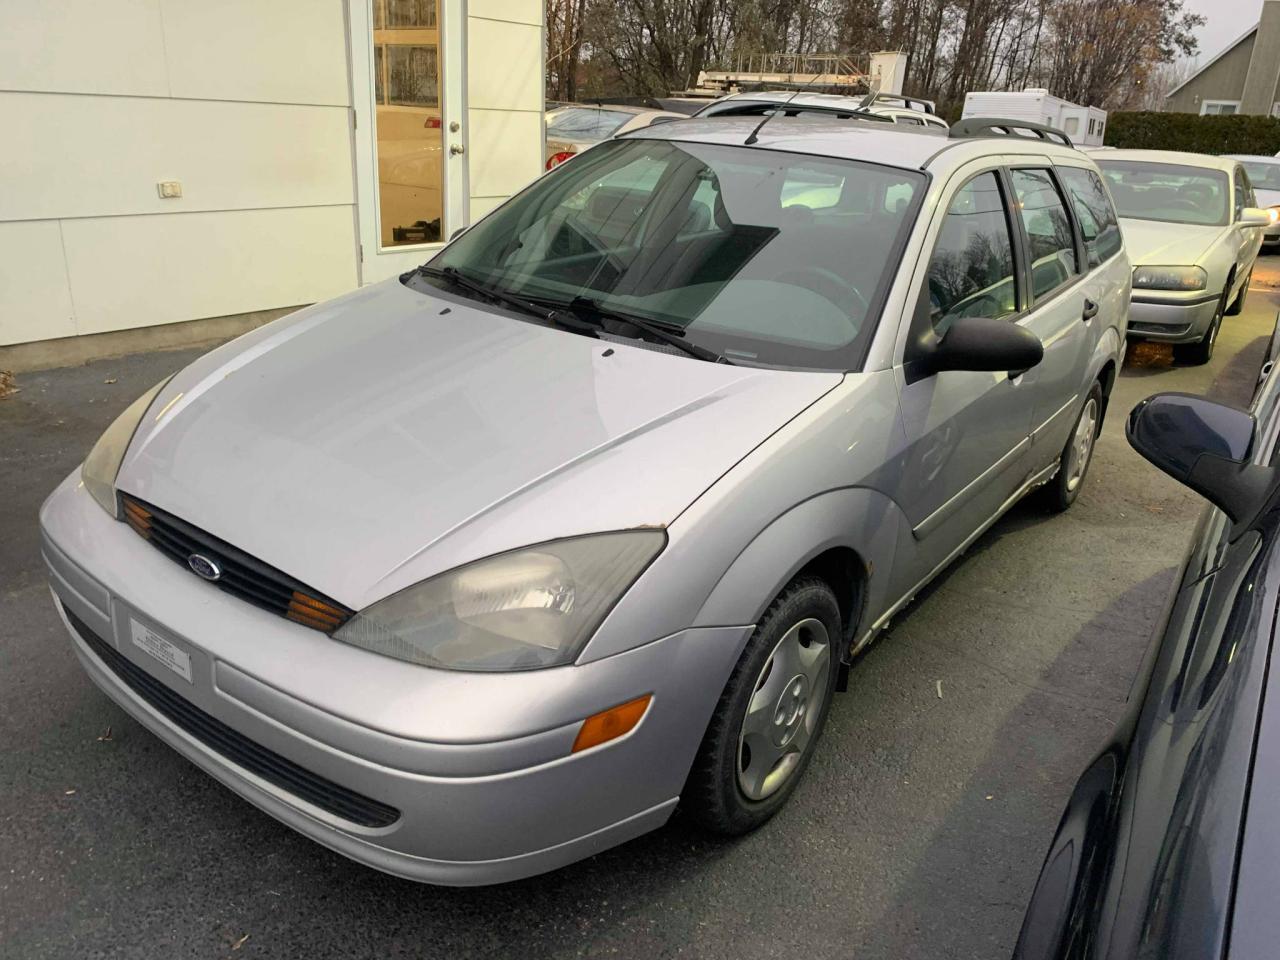 2003 ford focus familiale 4 portes se [ 1280 x 960 Pixel ]